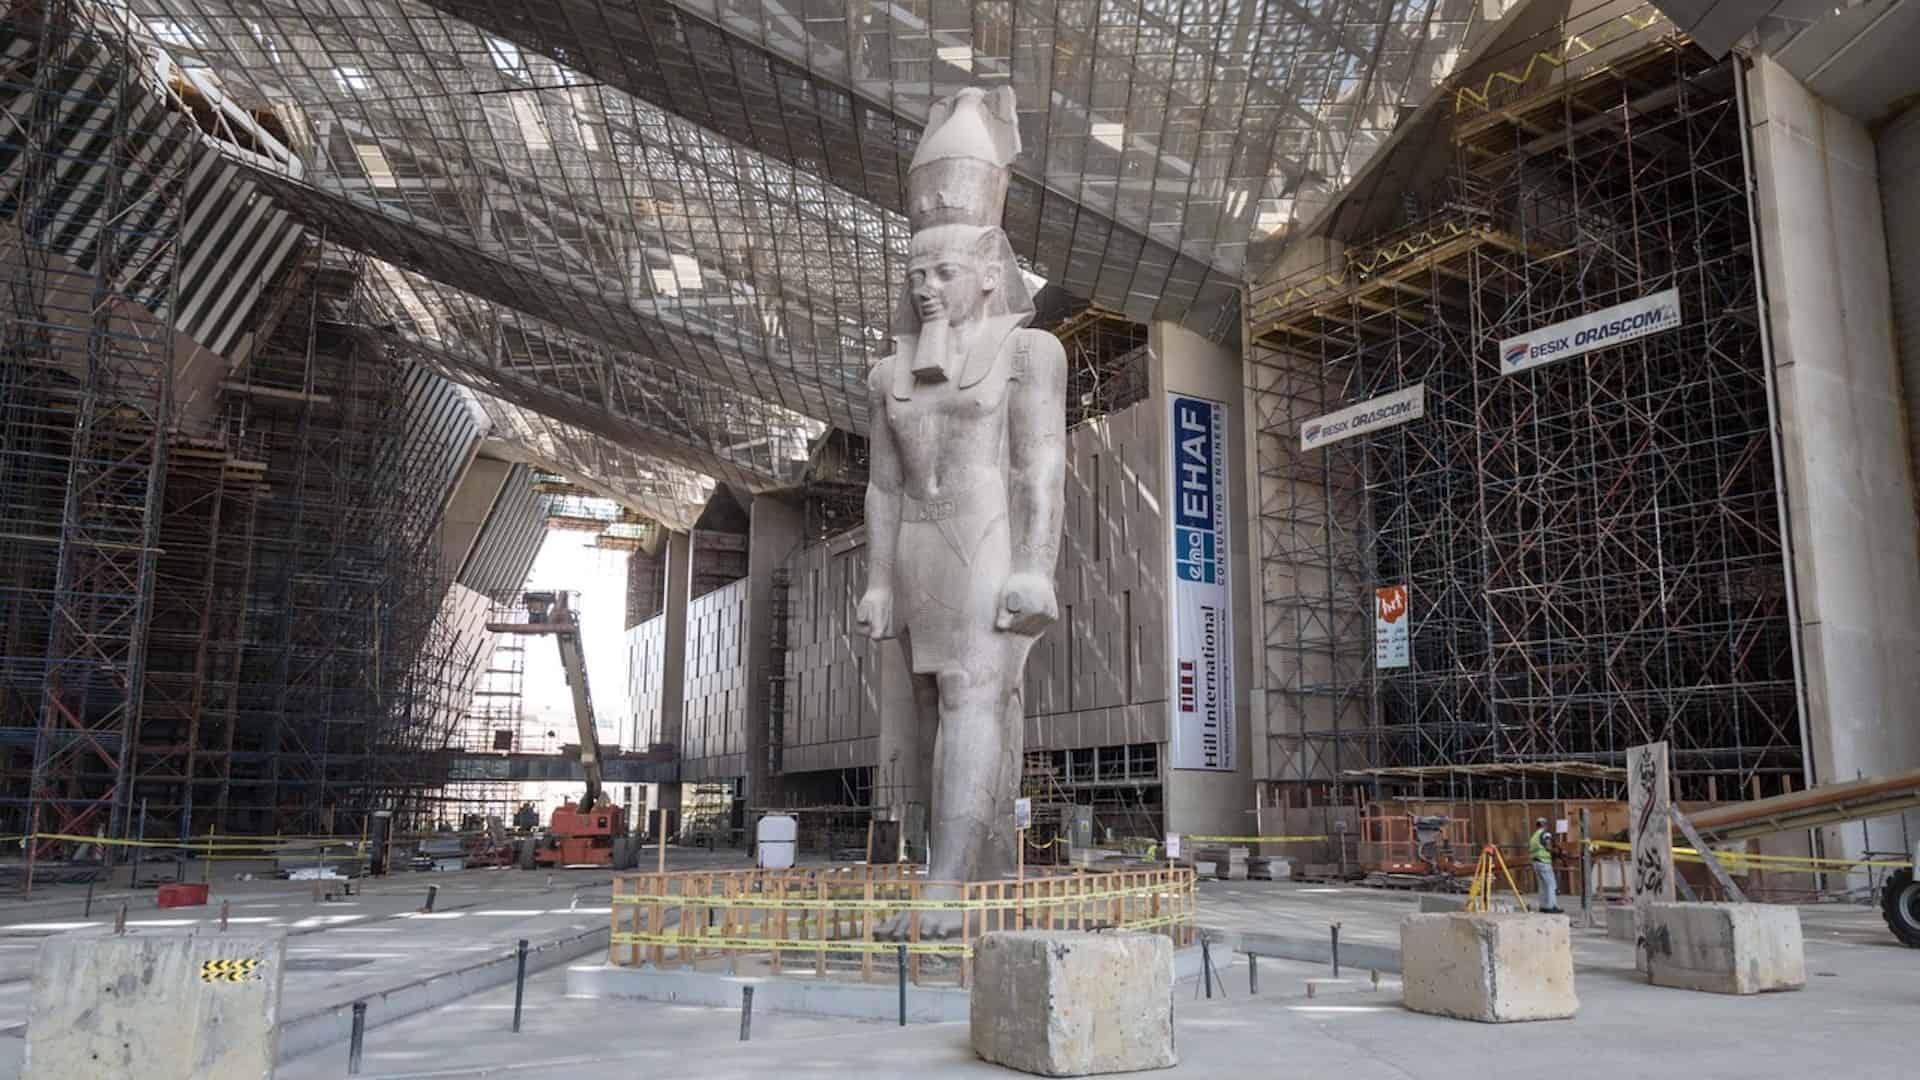 museo-egipcio-giza-piramides-01012020in1